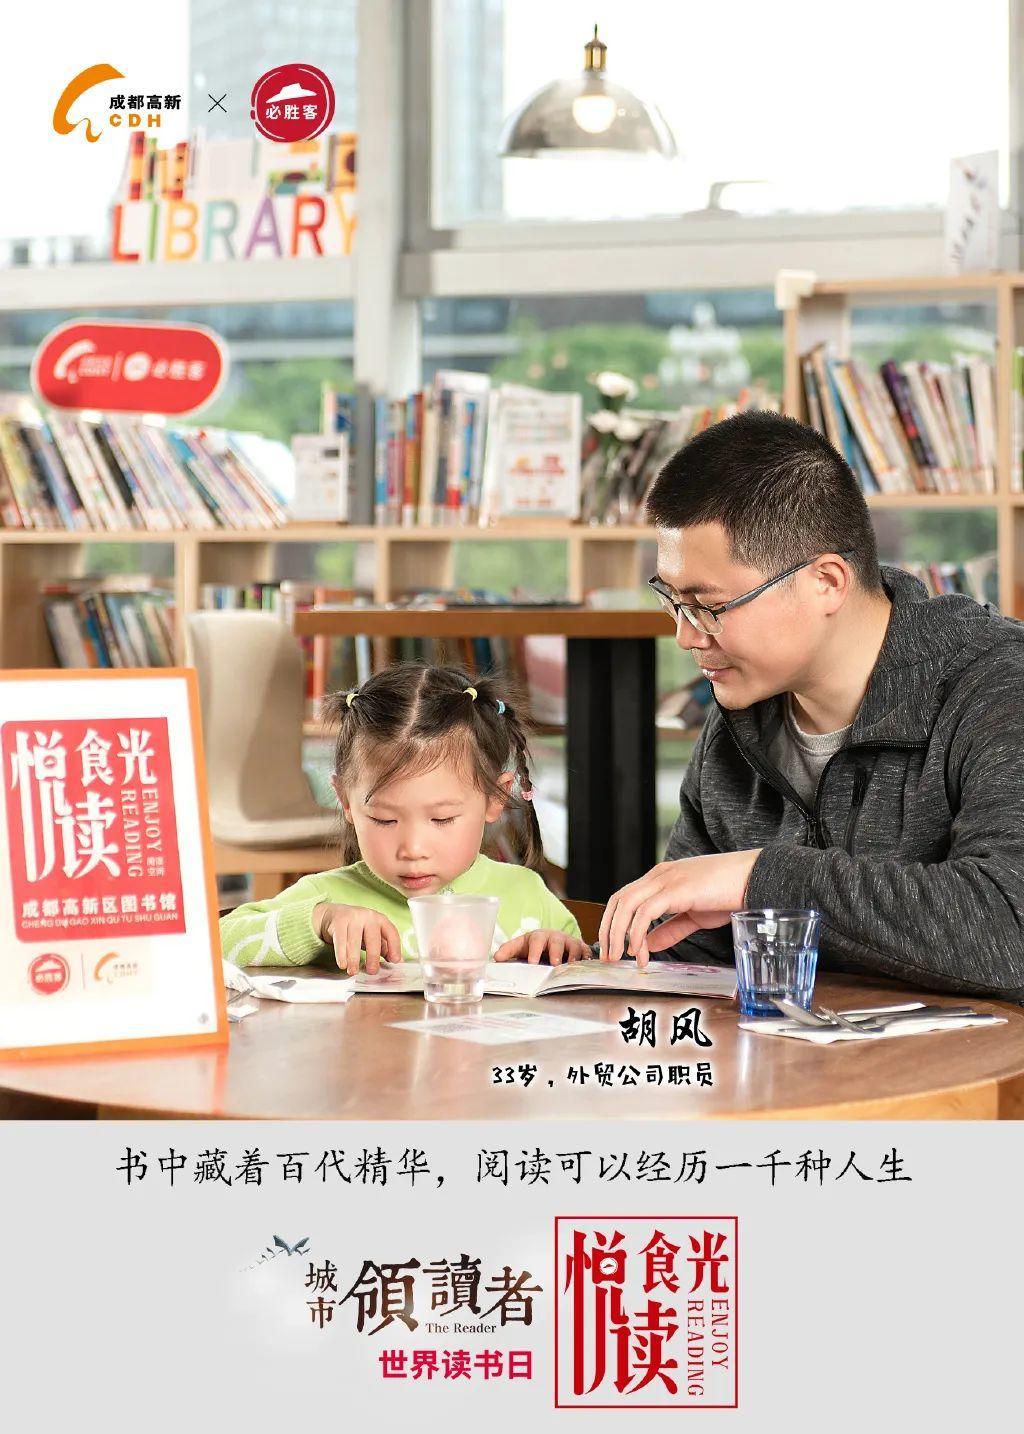 今天世界读书日,各品牌海报文案